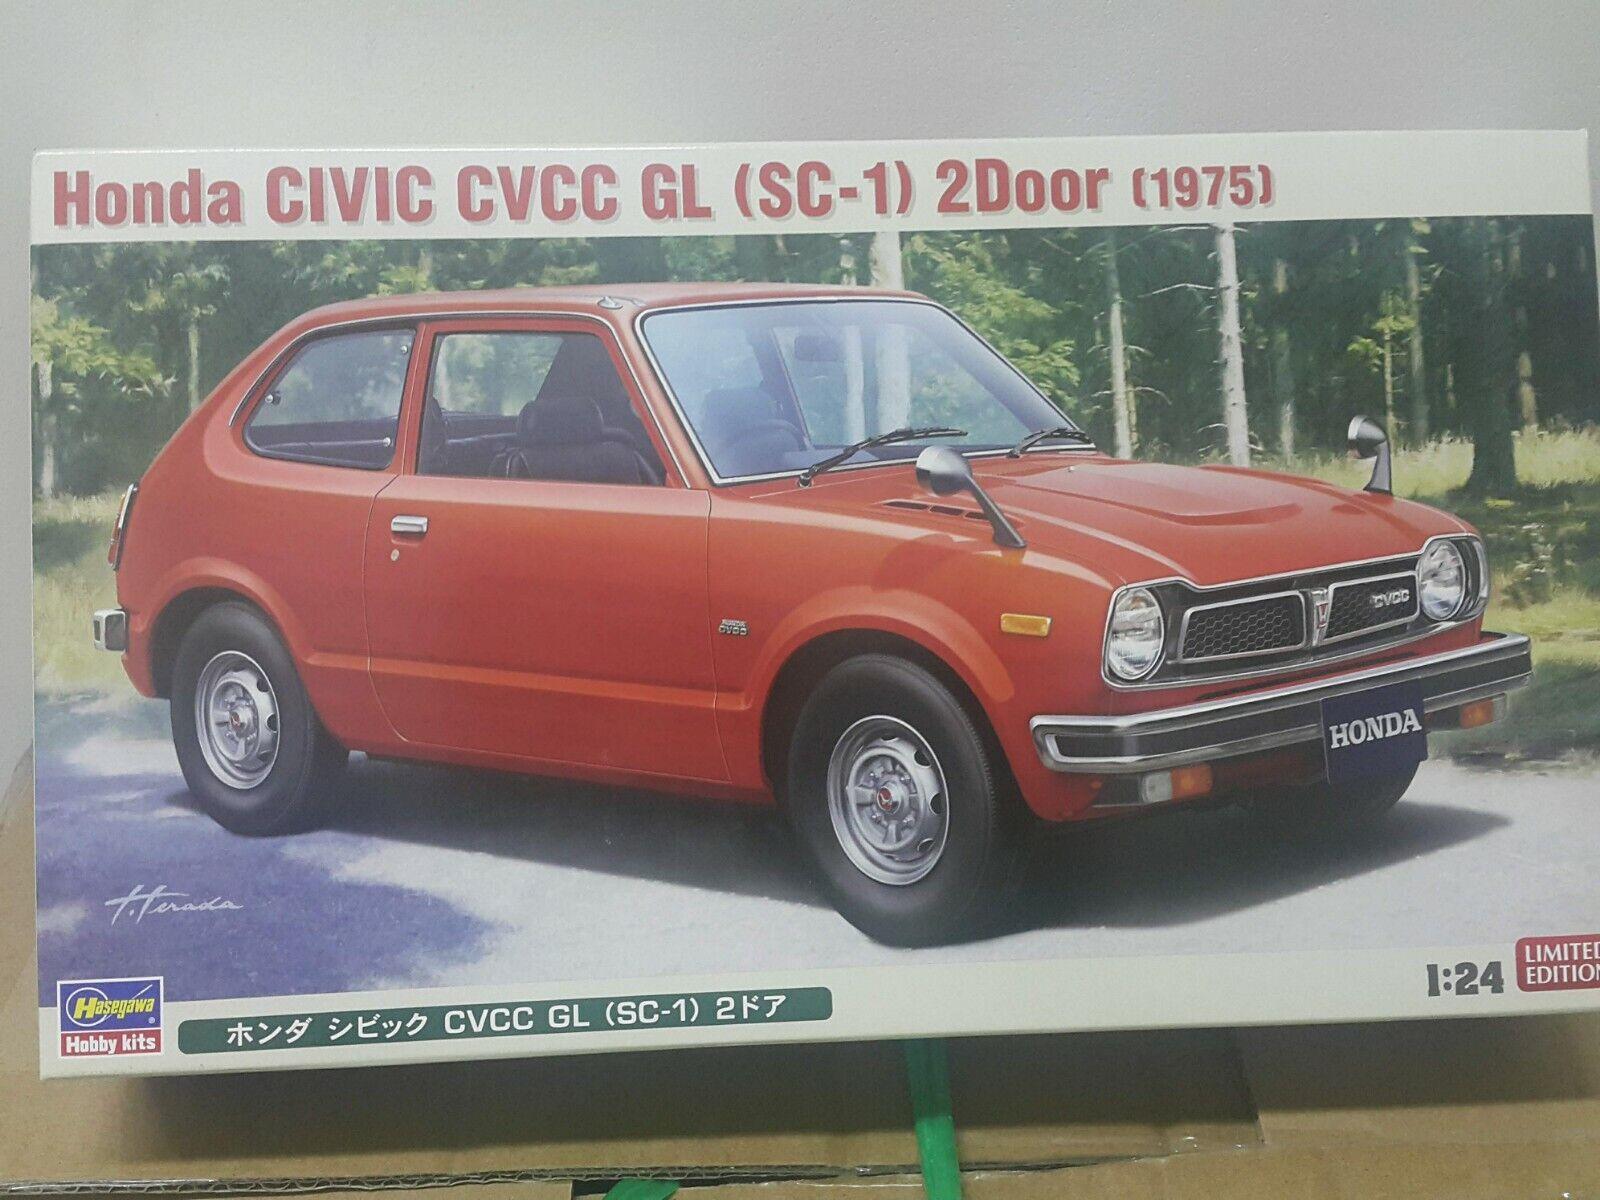 Hasegawa 1  24 Honda Civic CVCC GL (SC -1) 2Dr modellllerler Bil Kit